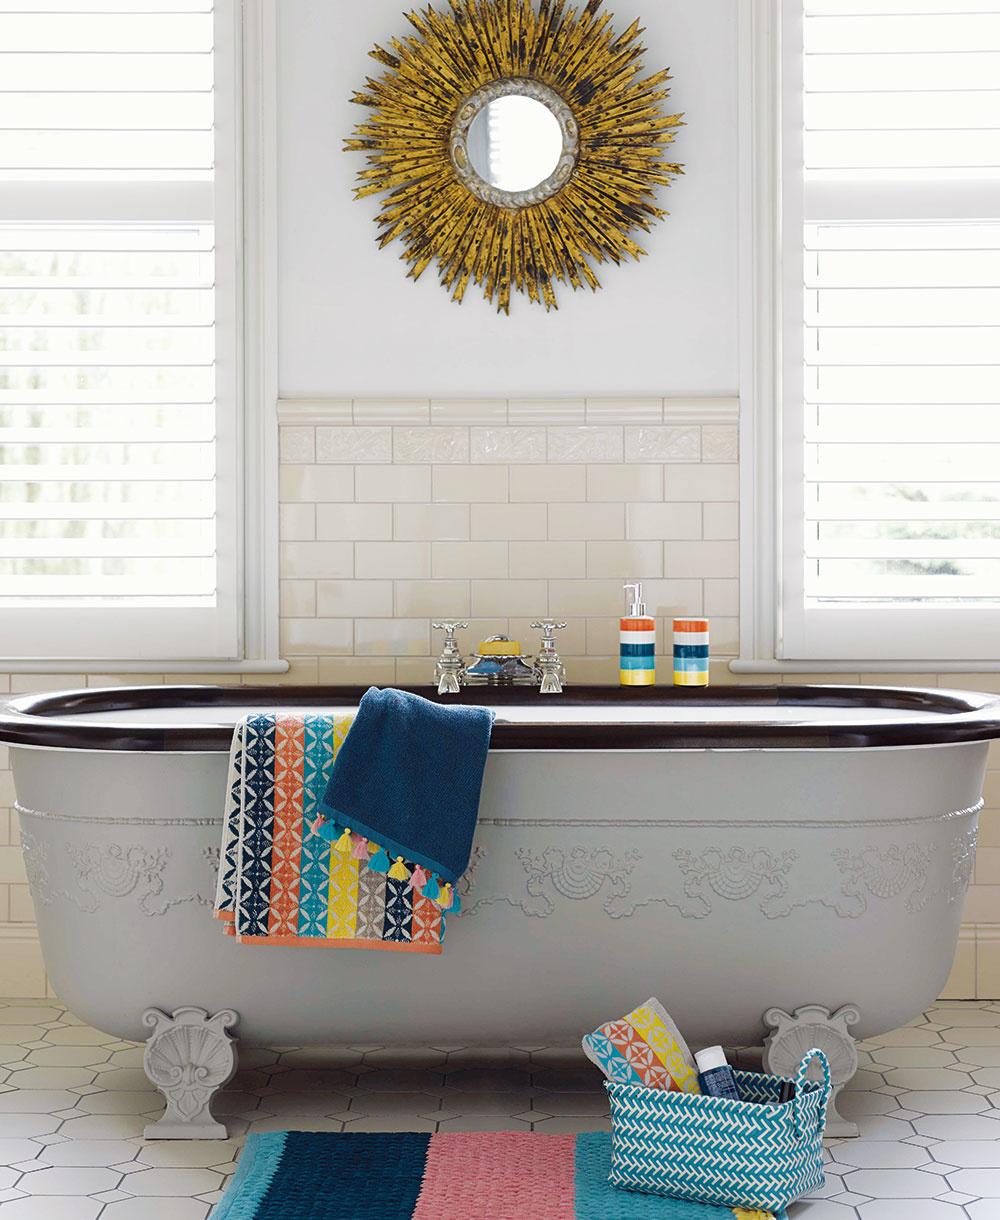 Veľká kúpeľňa si vyžaduje pri zariaďovaní aj väčšiu odvahu, správne kombinovanie materiálov afarieb. Do veľkorysých priestorov si môžete dovoliť umiestniť iväčšie zariadenie, napríklad luxusnú hlbokú vaňu.